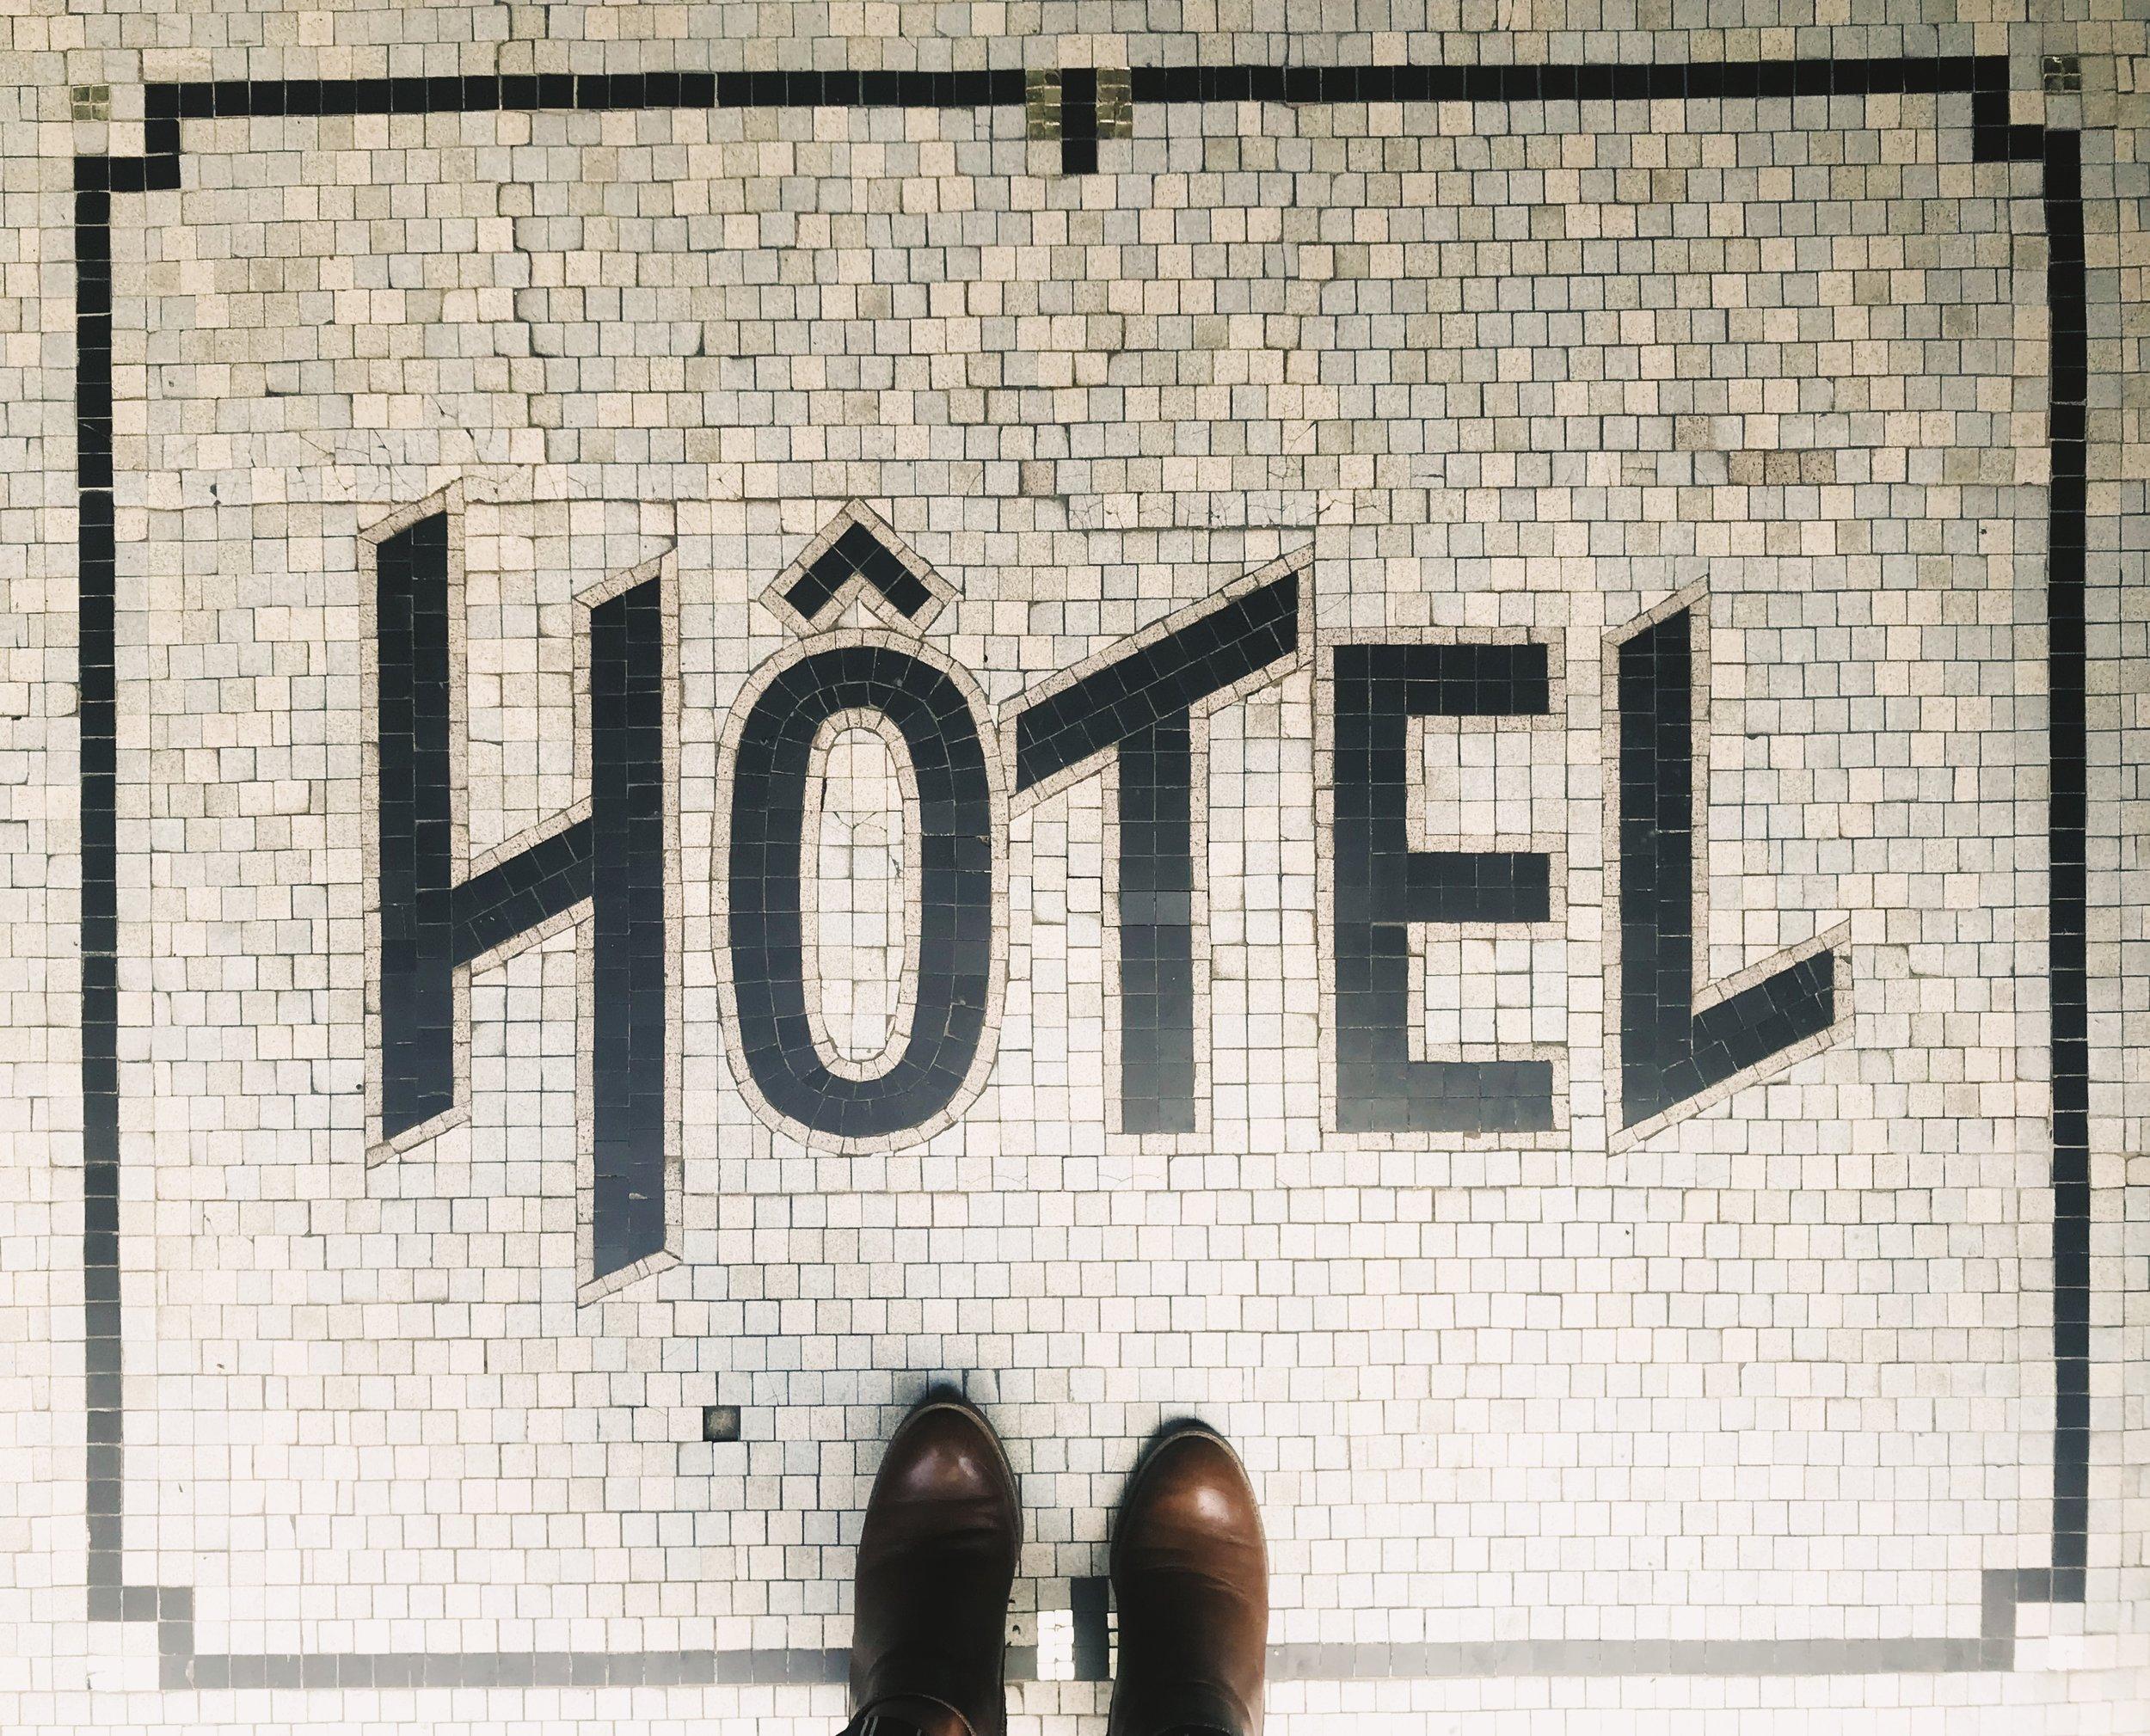 Paris France Hotel Henriette Review .JPG